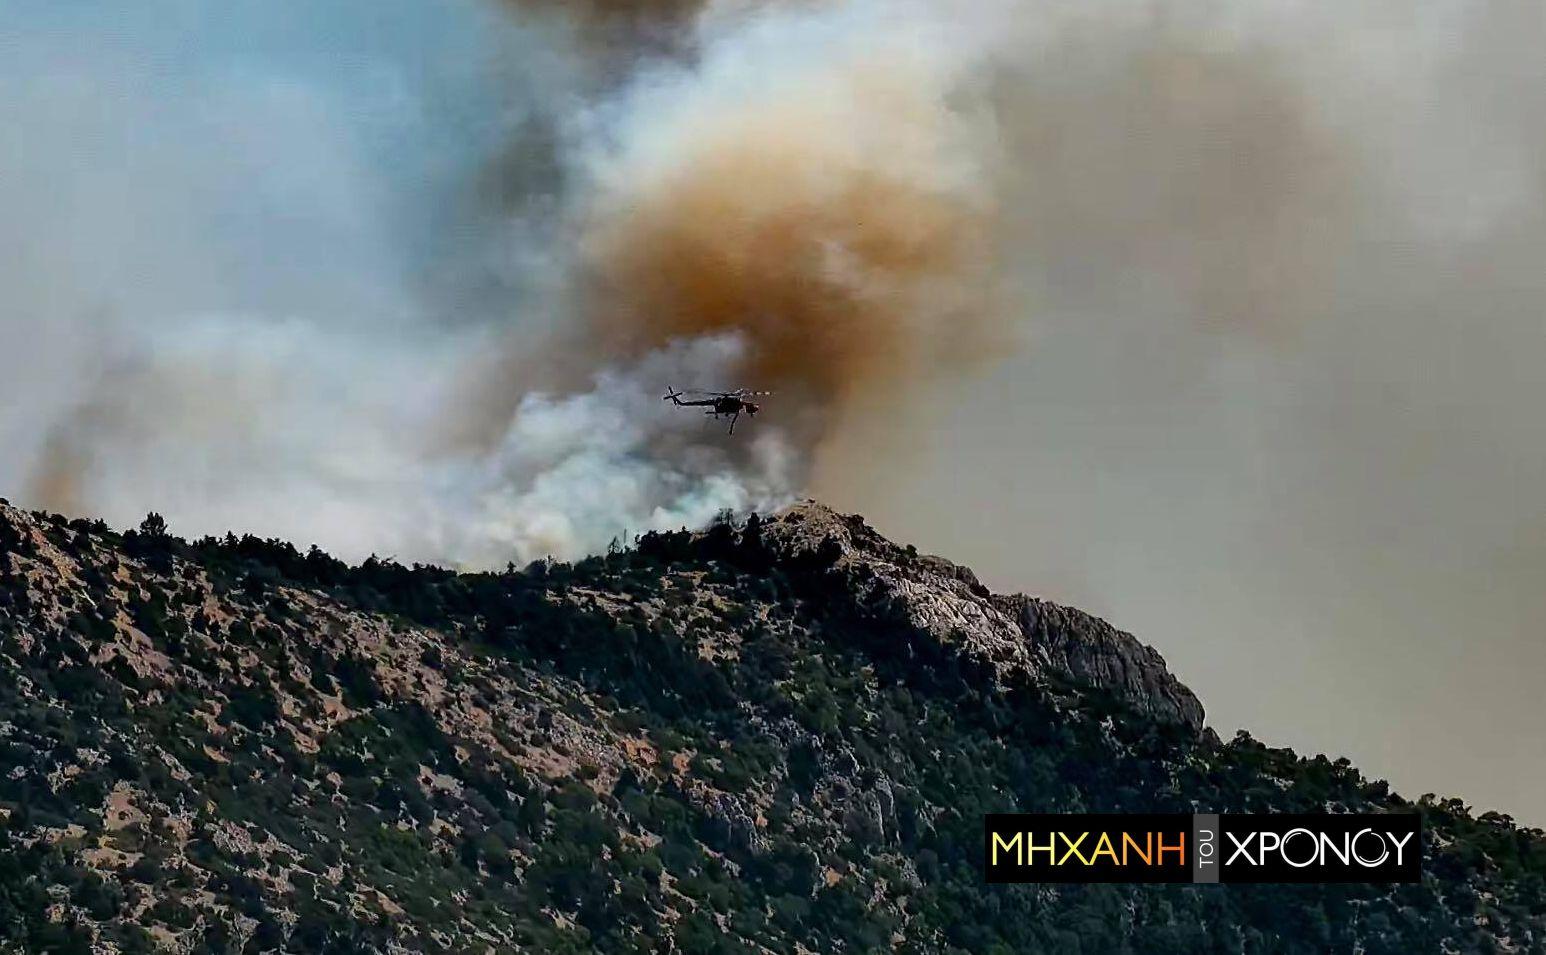 Δείτε το νέο μέτωπο στα ορεινά της Πάρνηθας που απειλεί Βαρυμπόμπη και Κρυονέρι- 55 φωτιές σε εξέλιξη (βίντεο)